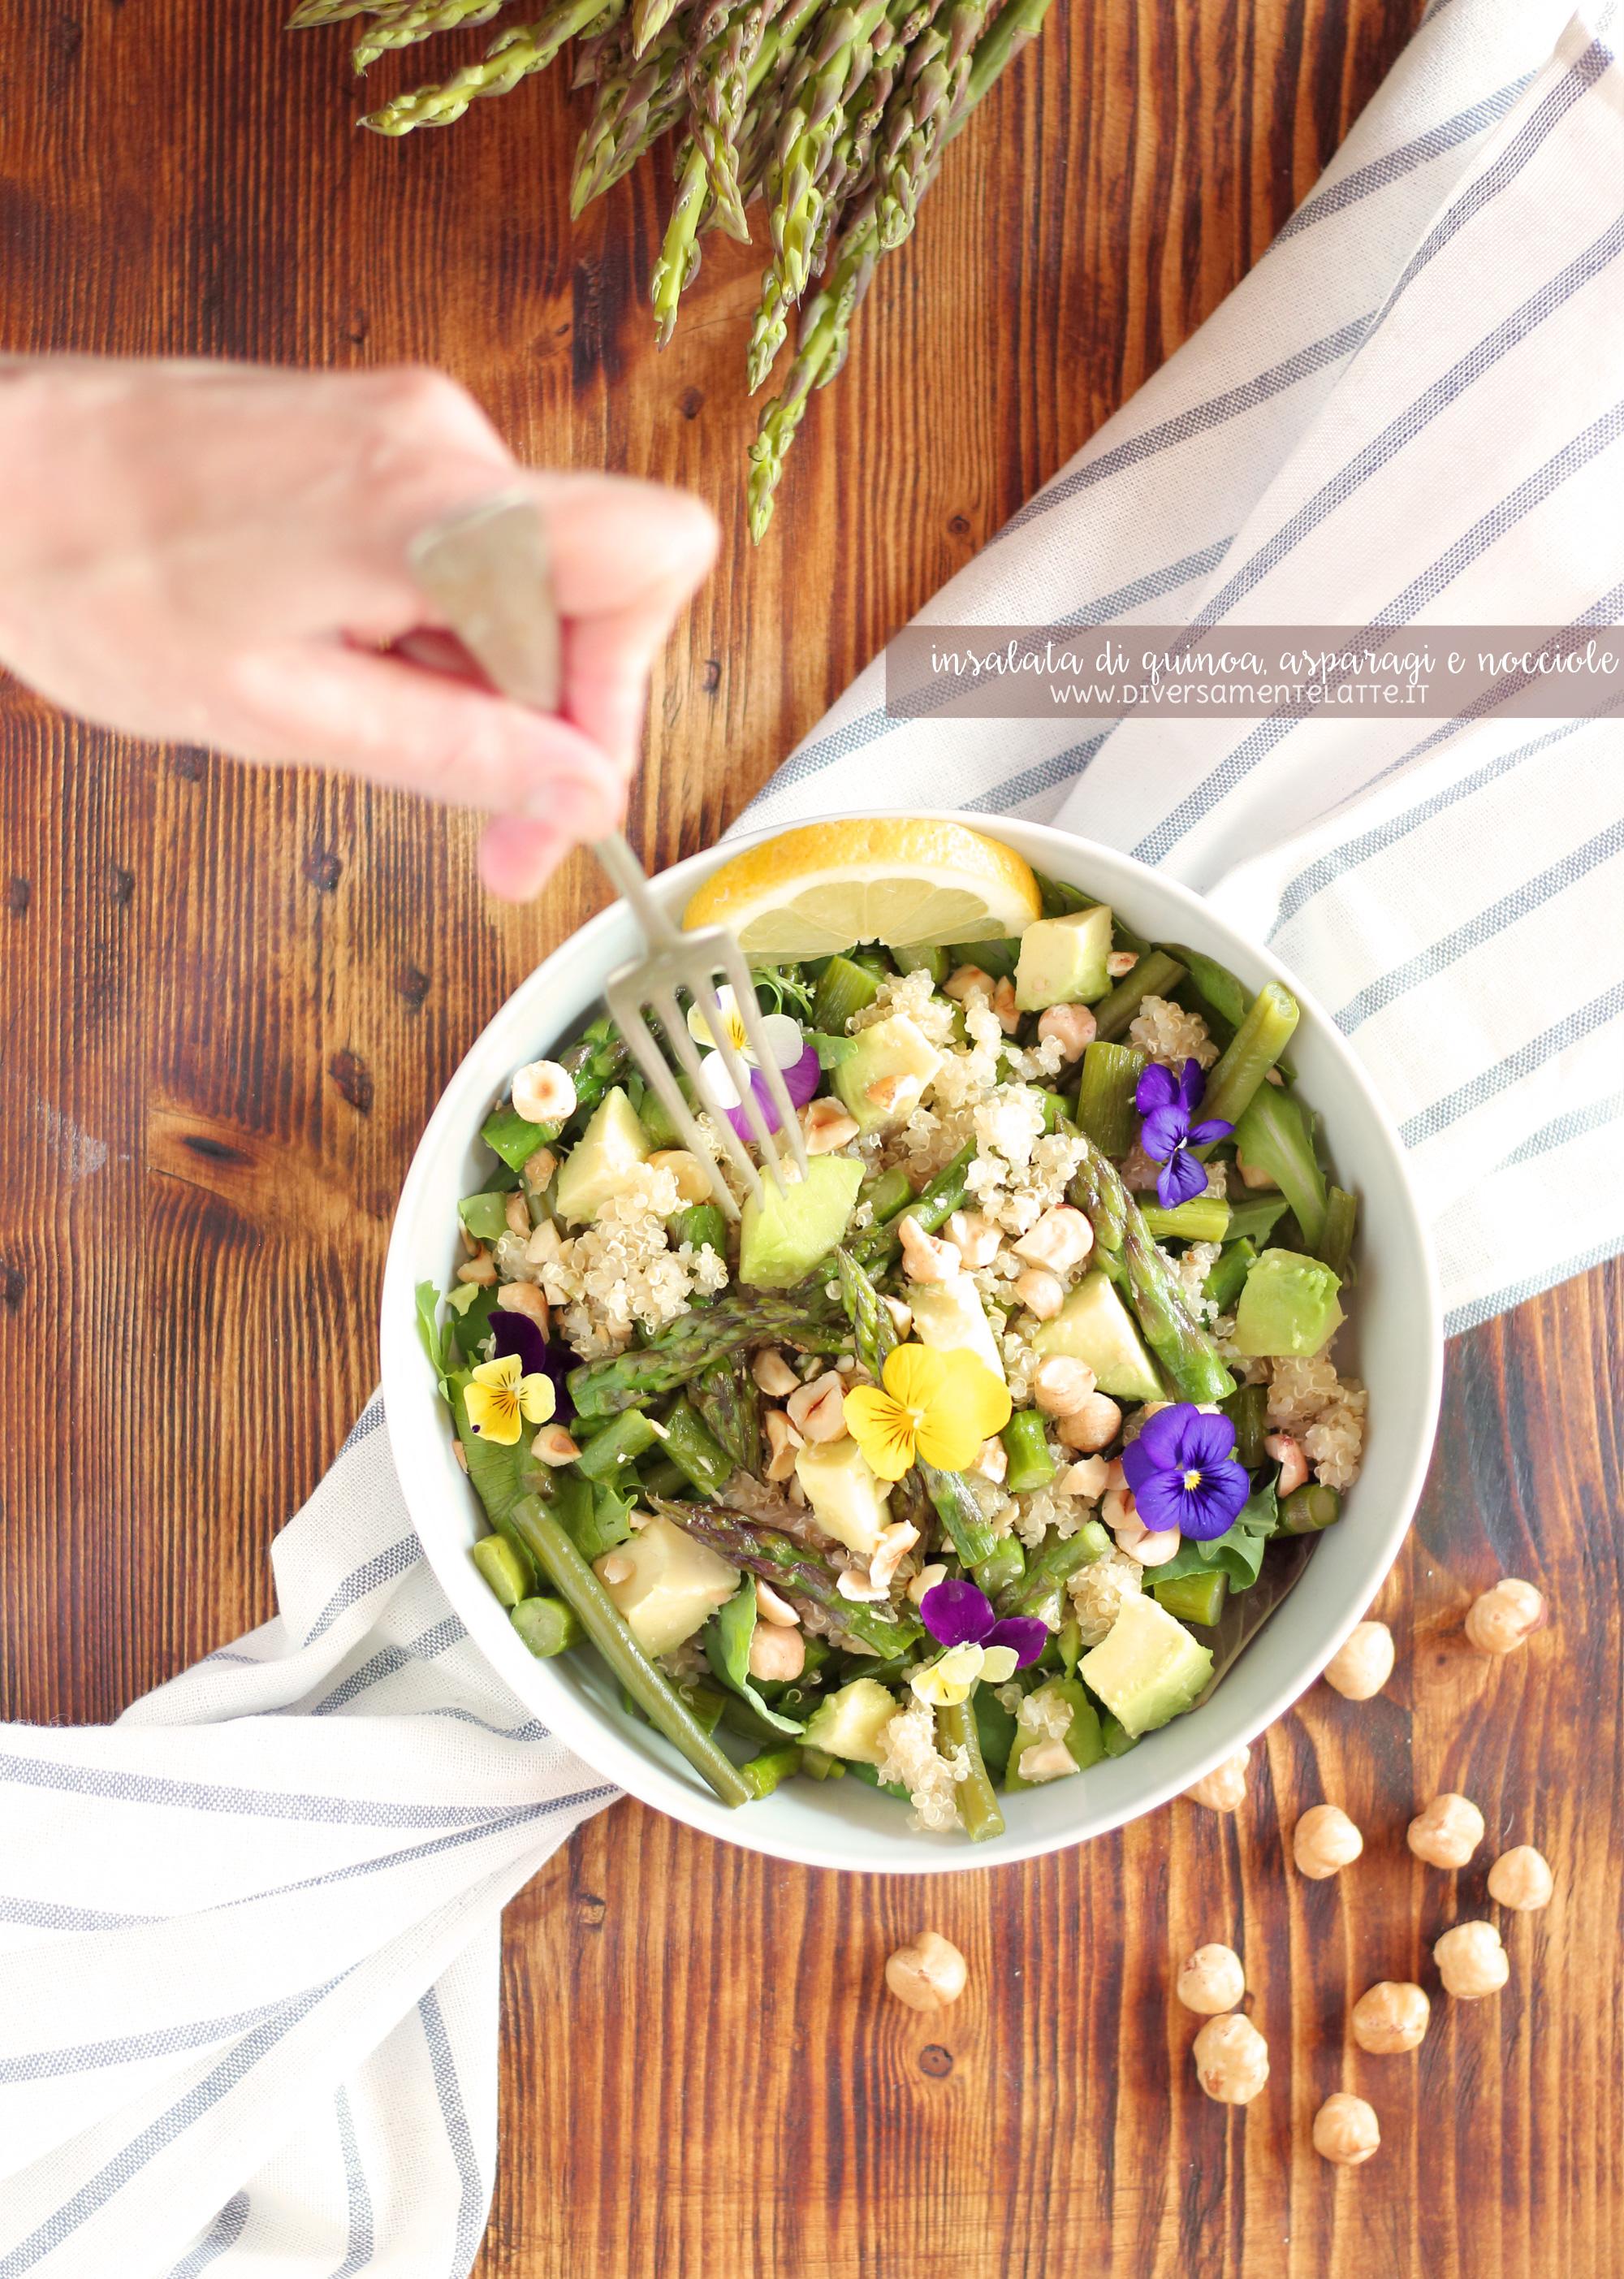 insalata di quinoa, asparagi e nocciole